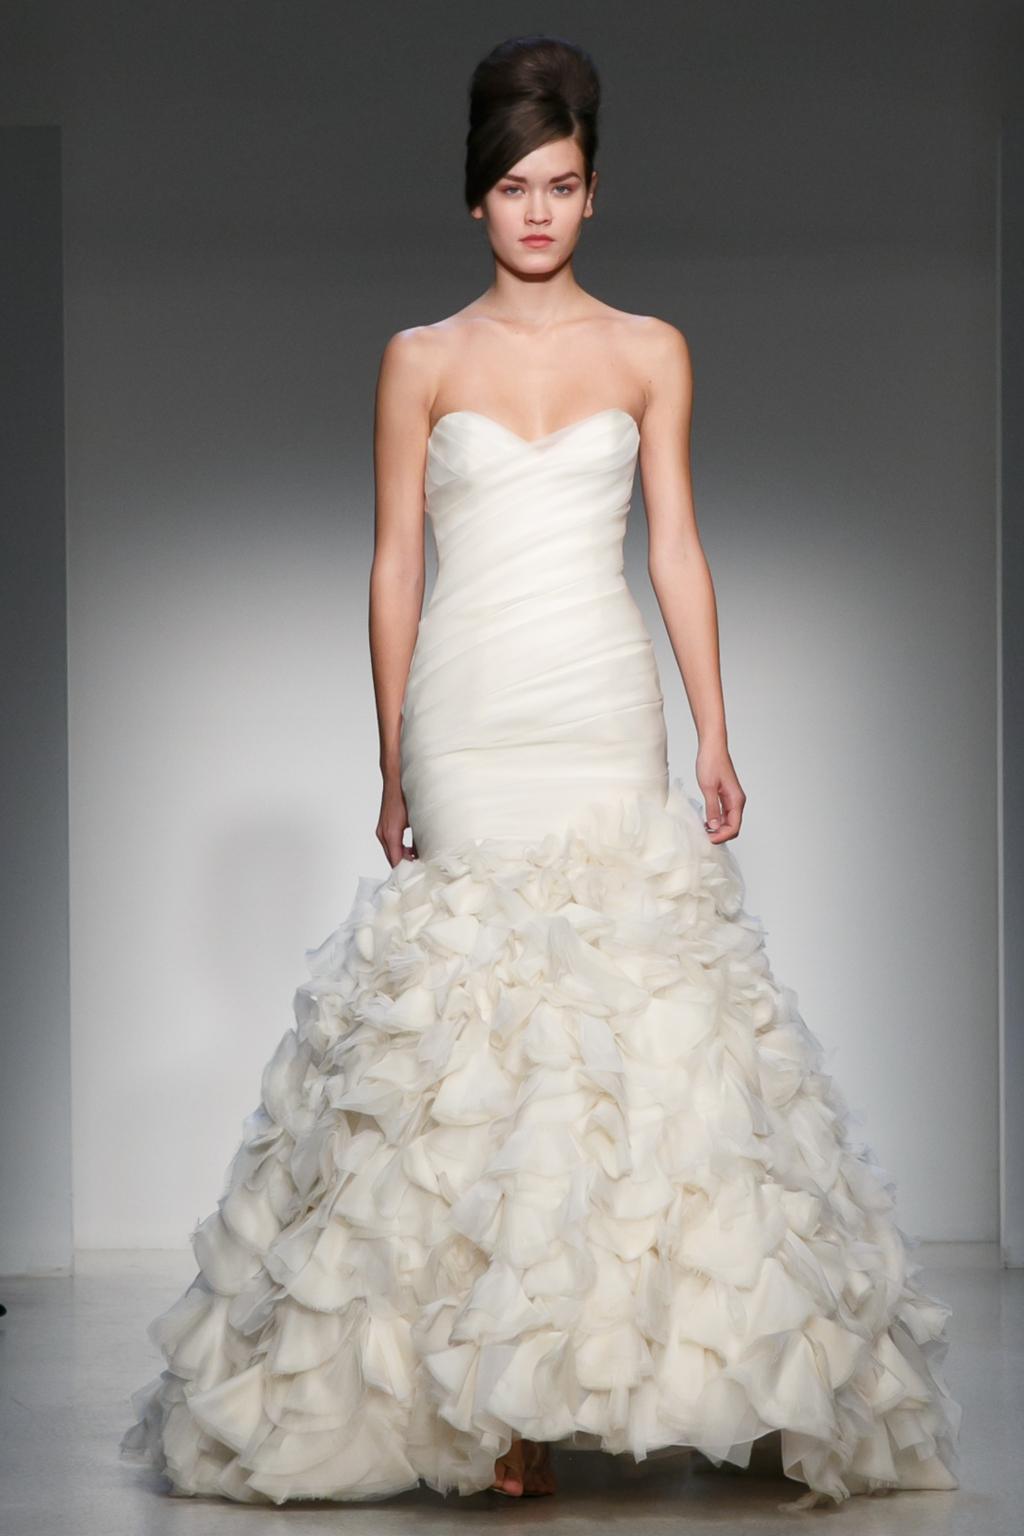 Fall-2013-wedding-dress-kenneth-pool-by-amsale-bridal-gowns-9.full